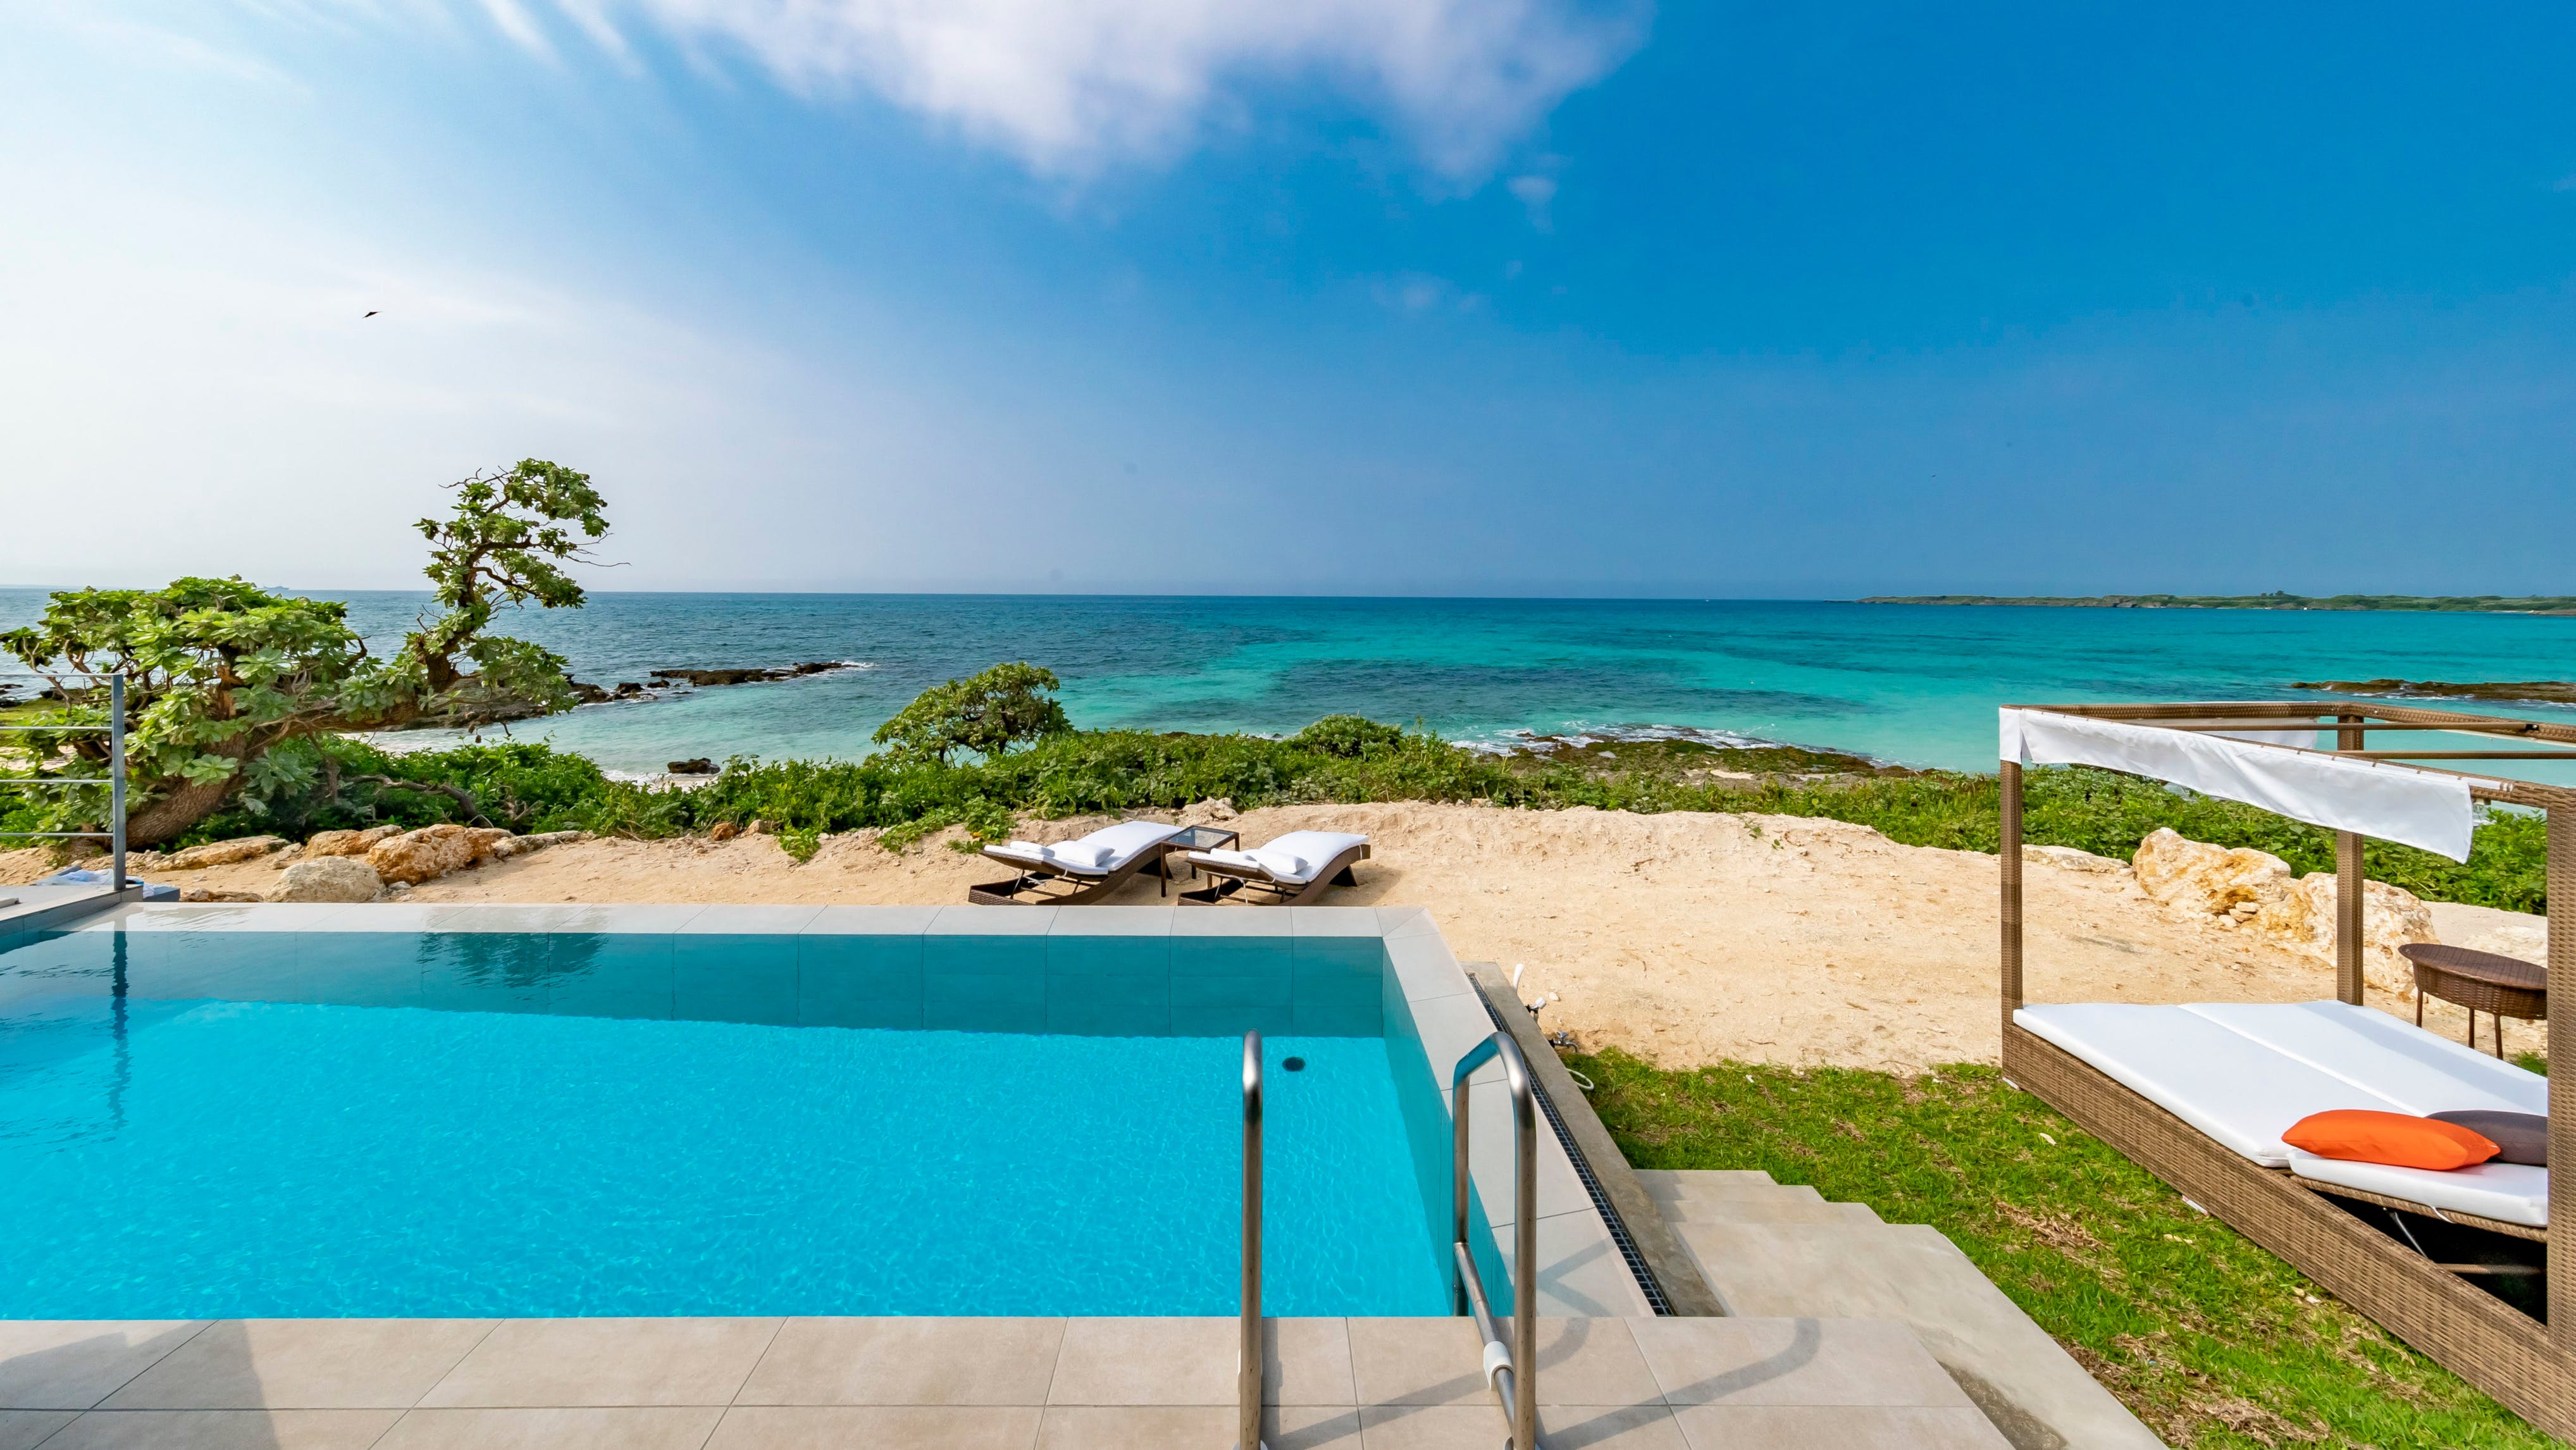 海が見えるプライベートプール付き沖縄ヴィラ 5選